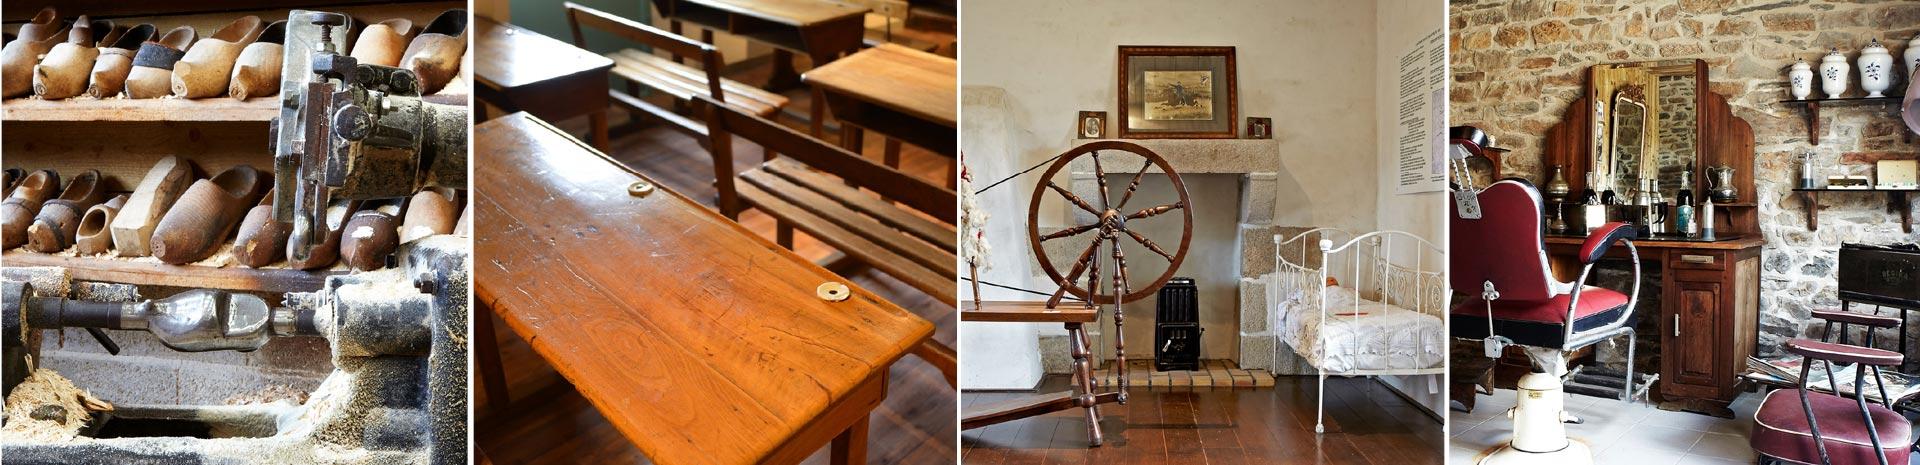 Un siècle de Bretagne à découvrir à l'Écomusée de Plouigneau